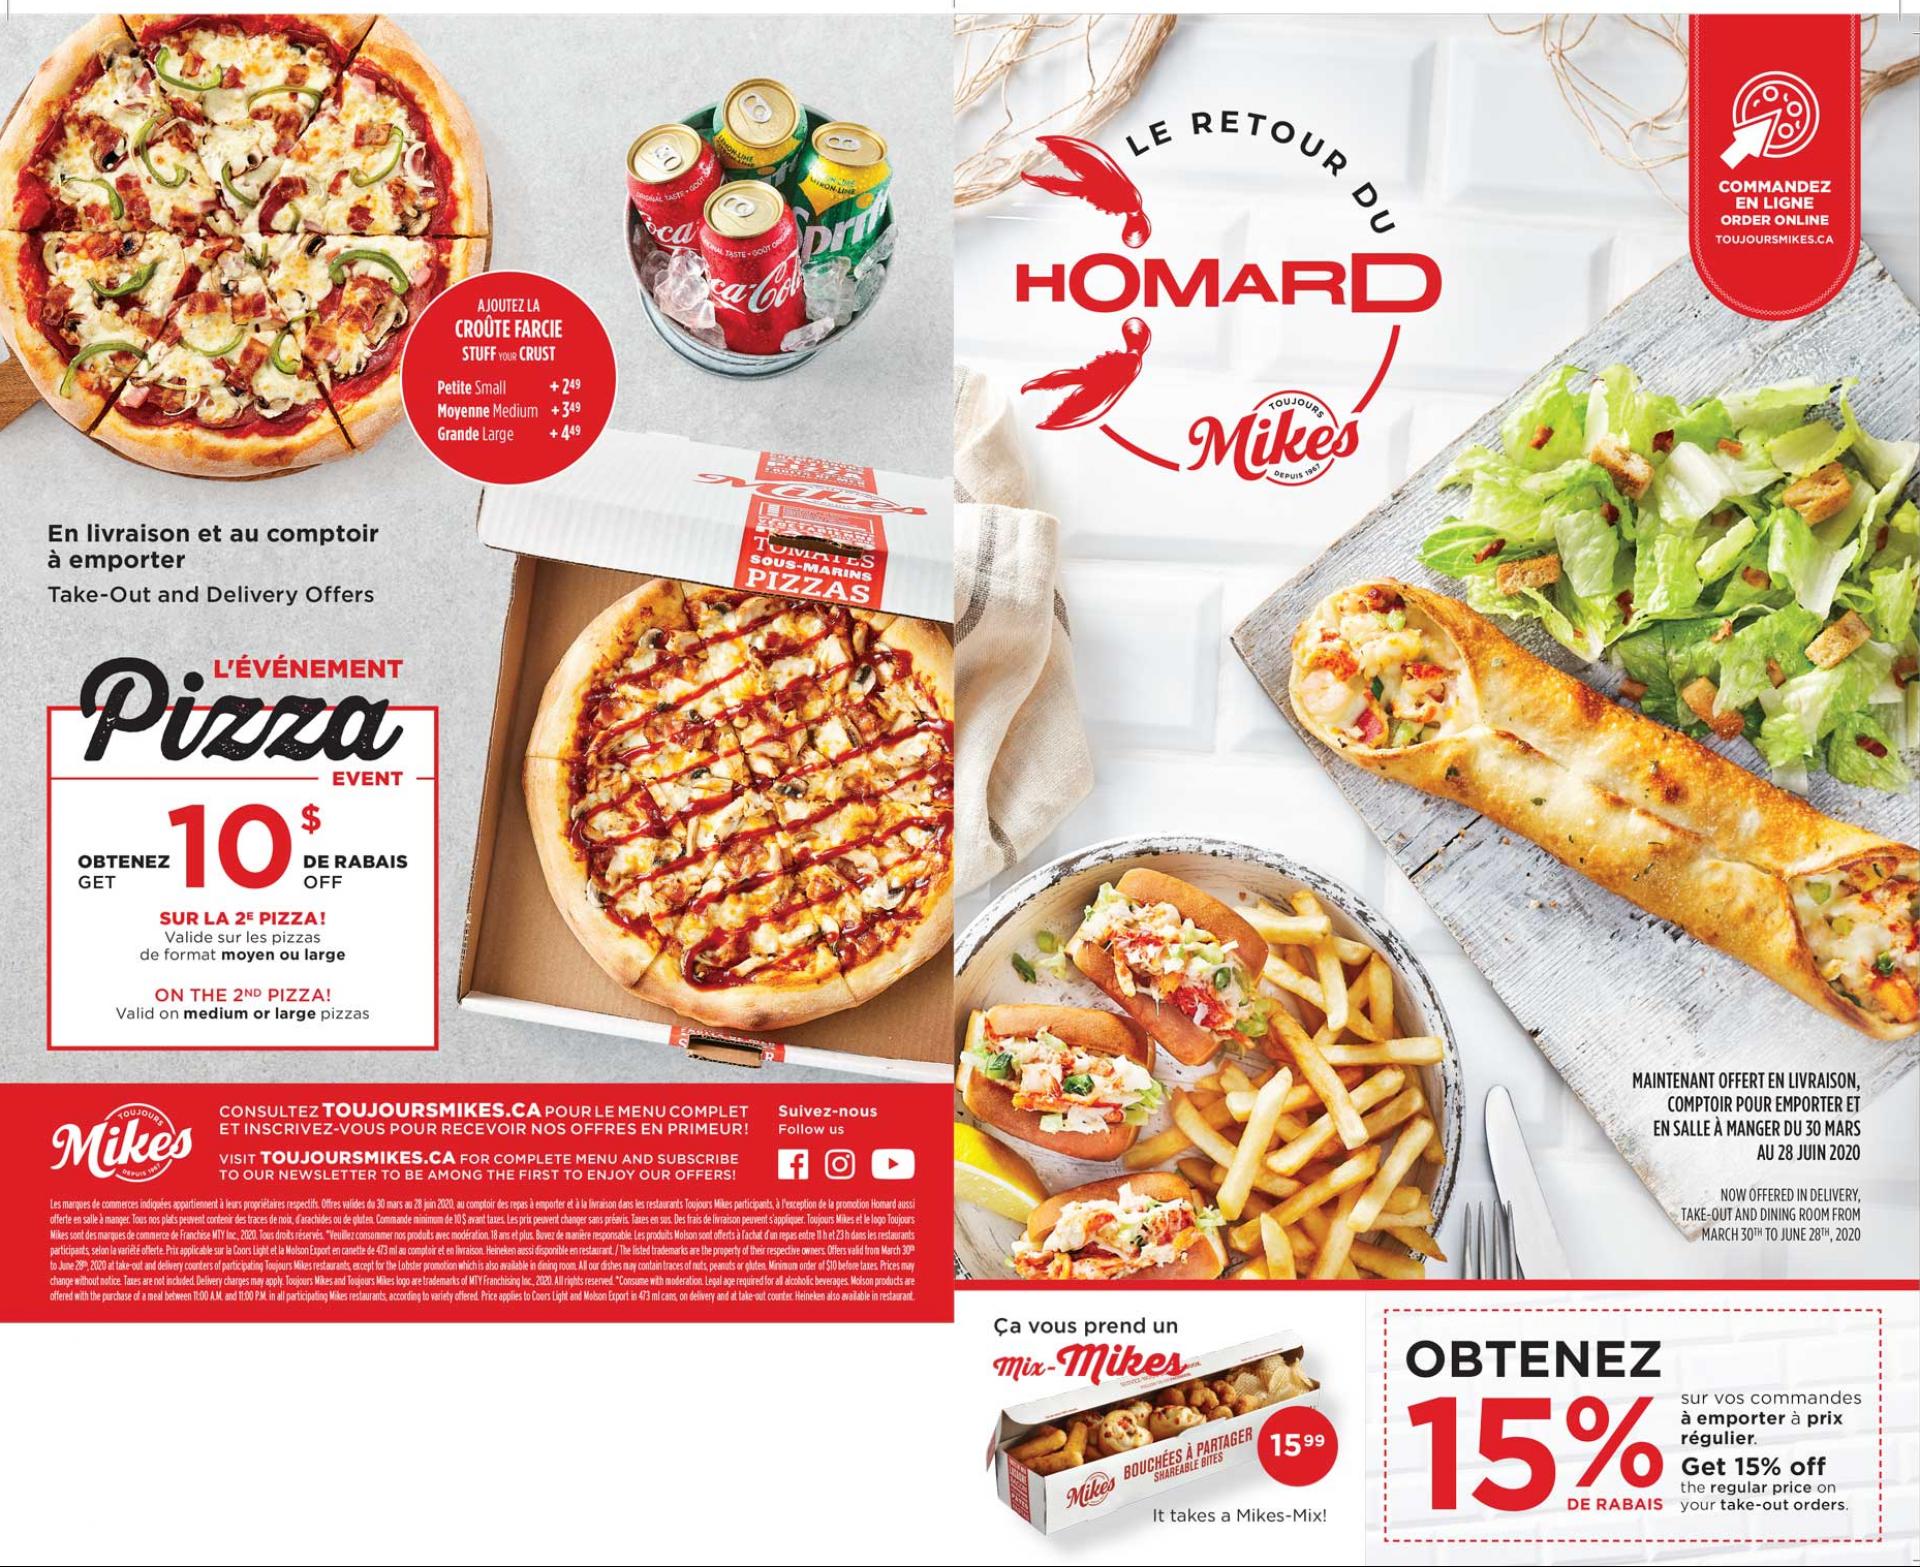 menu-livraison-mikes-st-jerome-homard-1.png